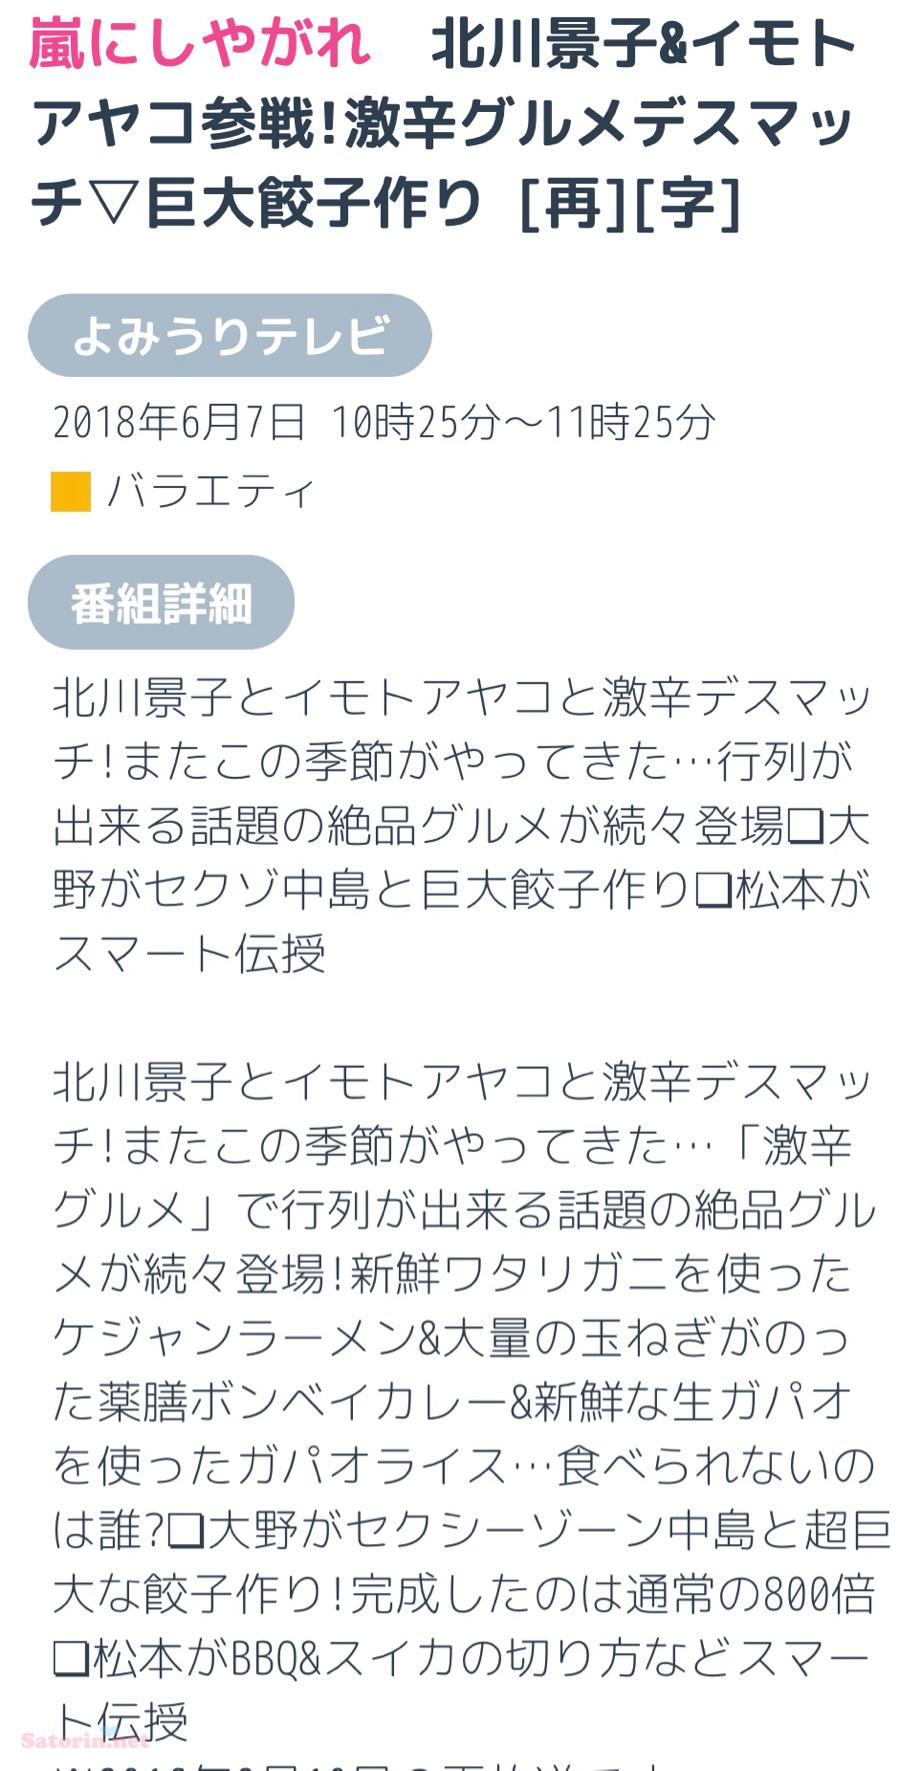 嵐にしやがれ デスマッチ 大阪